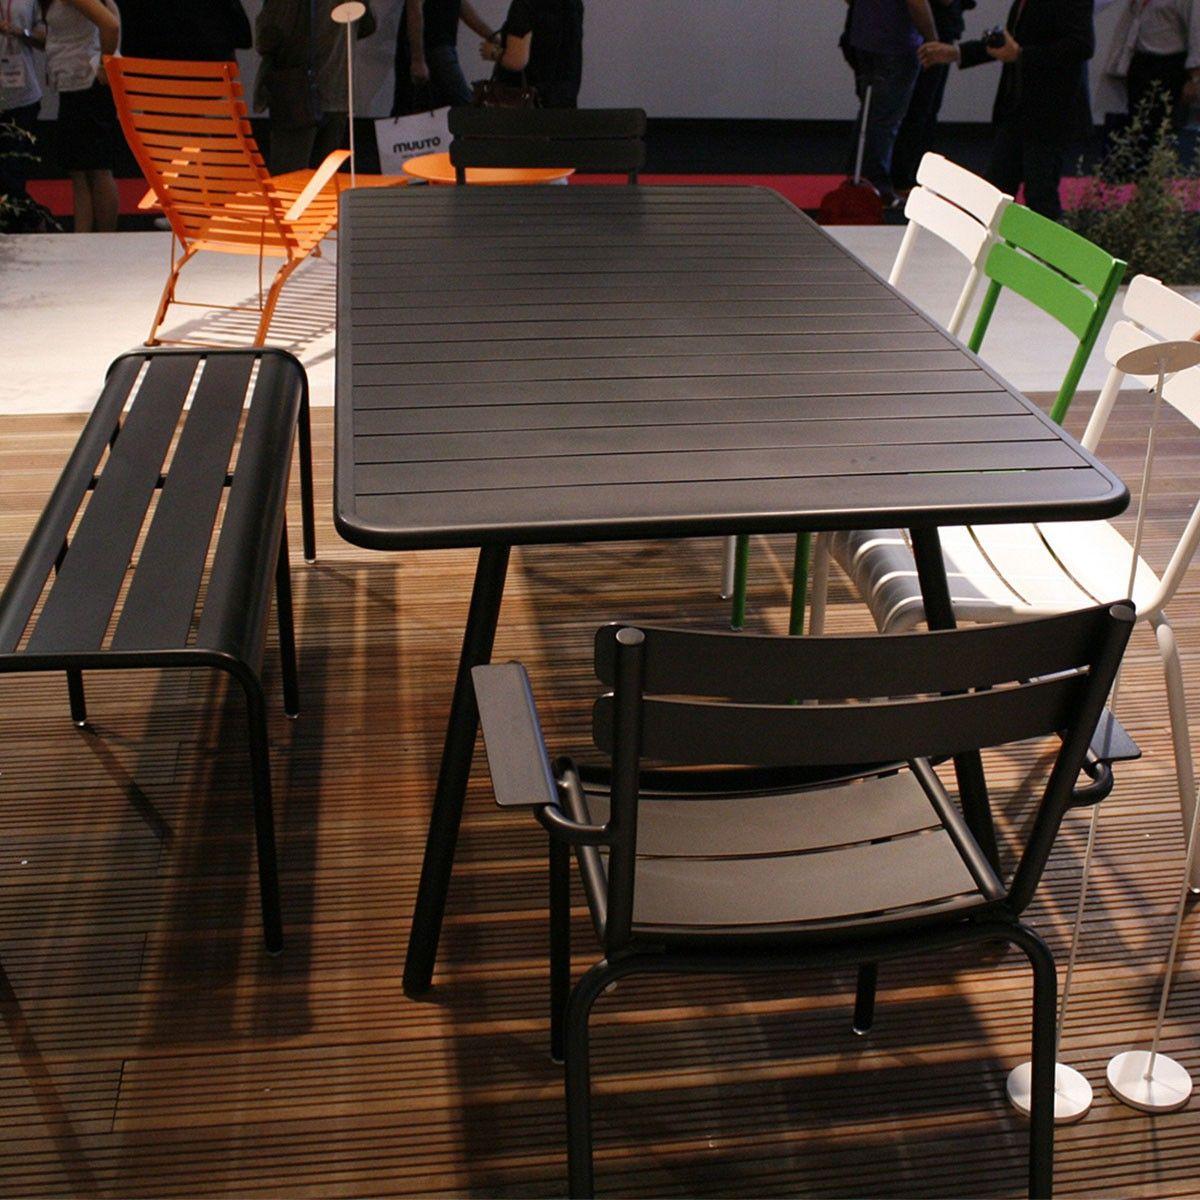 Table Luxembourg 207 X100 Cm Fermob Voltex Chaise D Exterieur Mobilier Design Mobilier